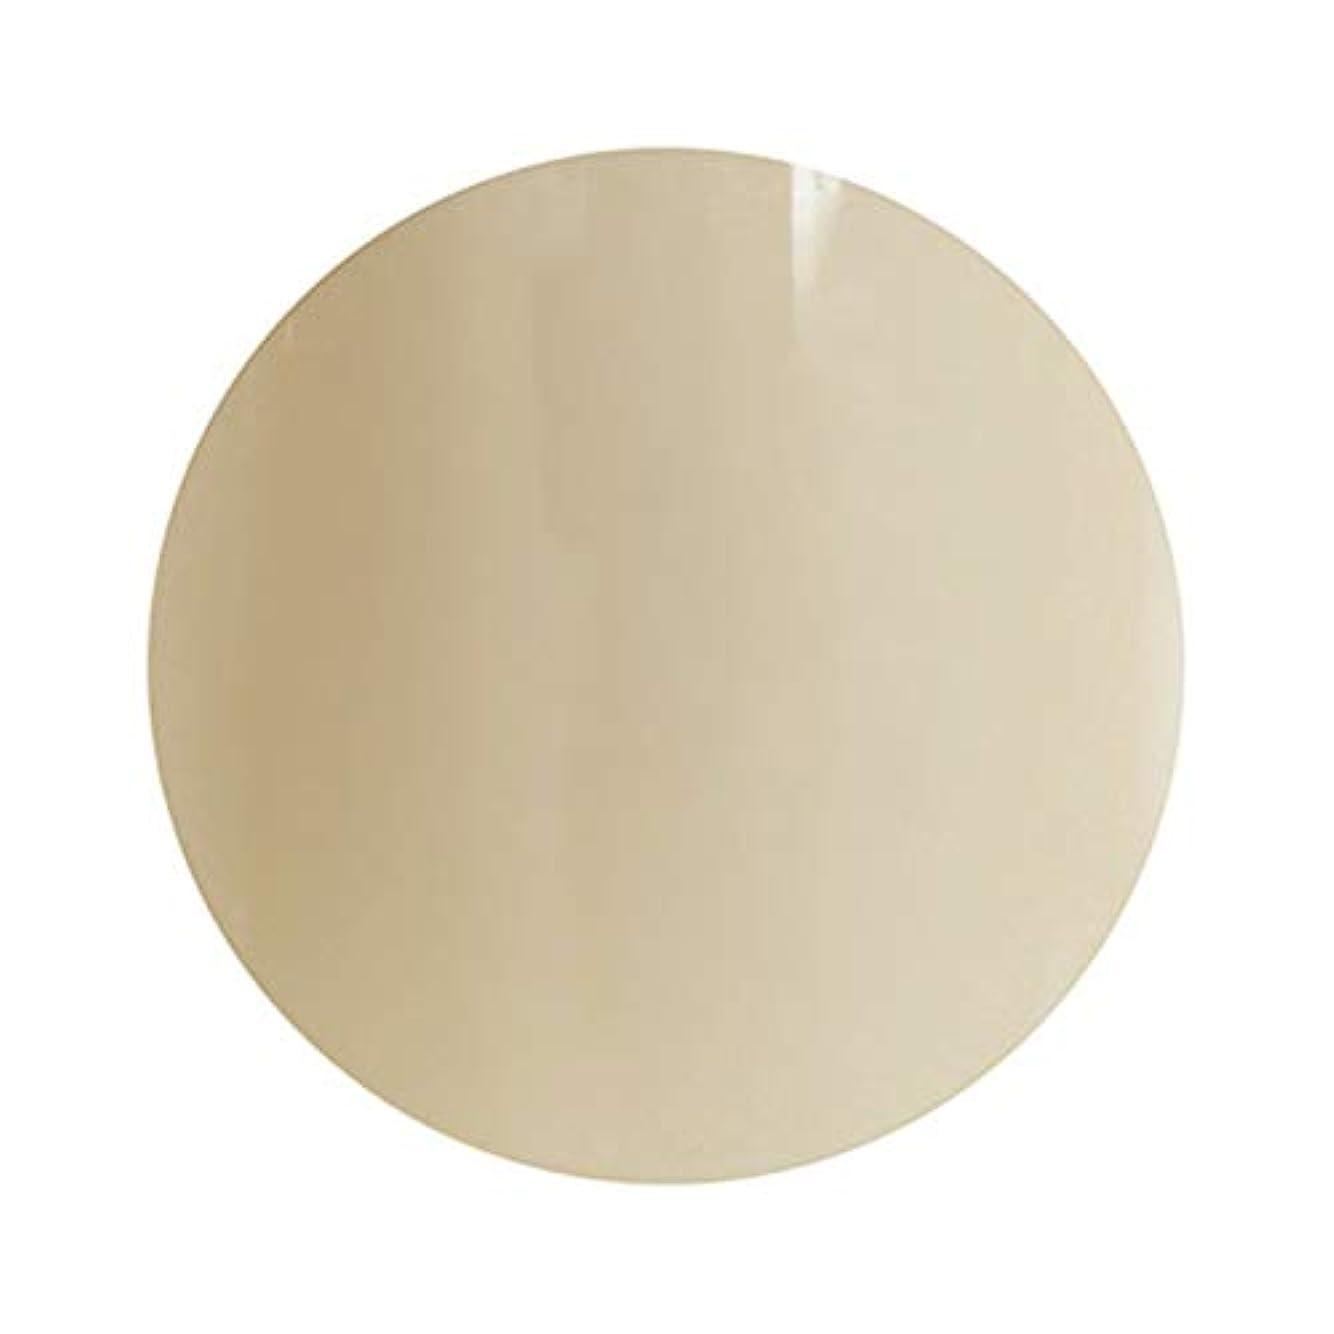 暗くする無能同意するpara gel パラジェル カラージェル S035 ピスタチオミスト 4g (Coccoプロデュース)